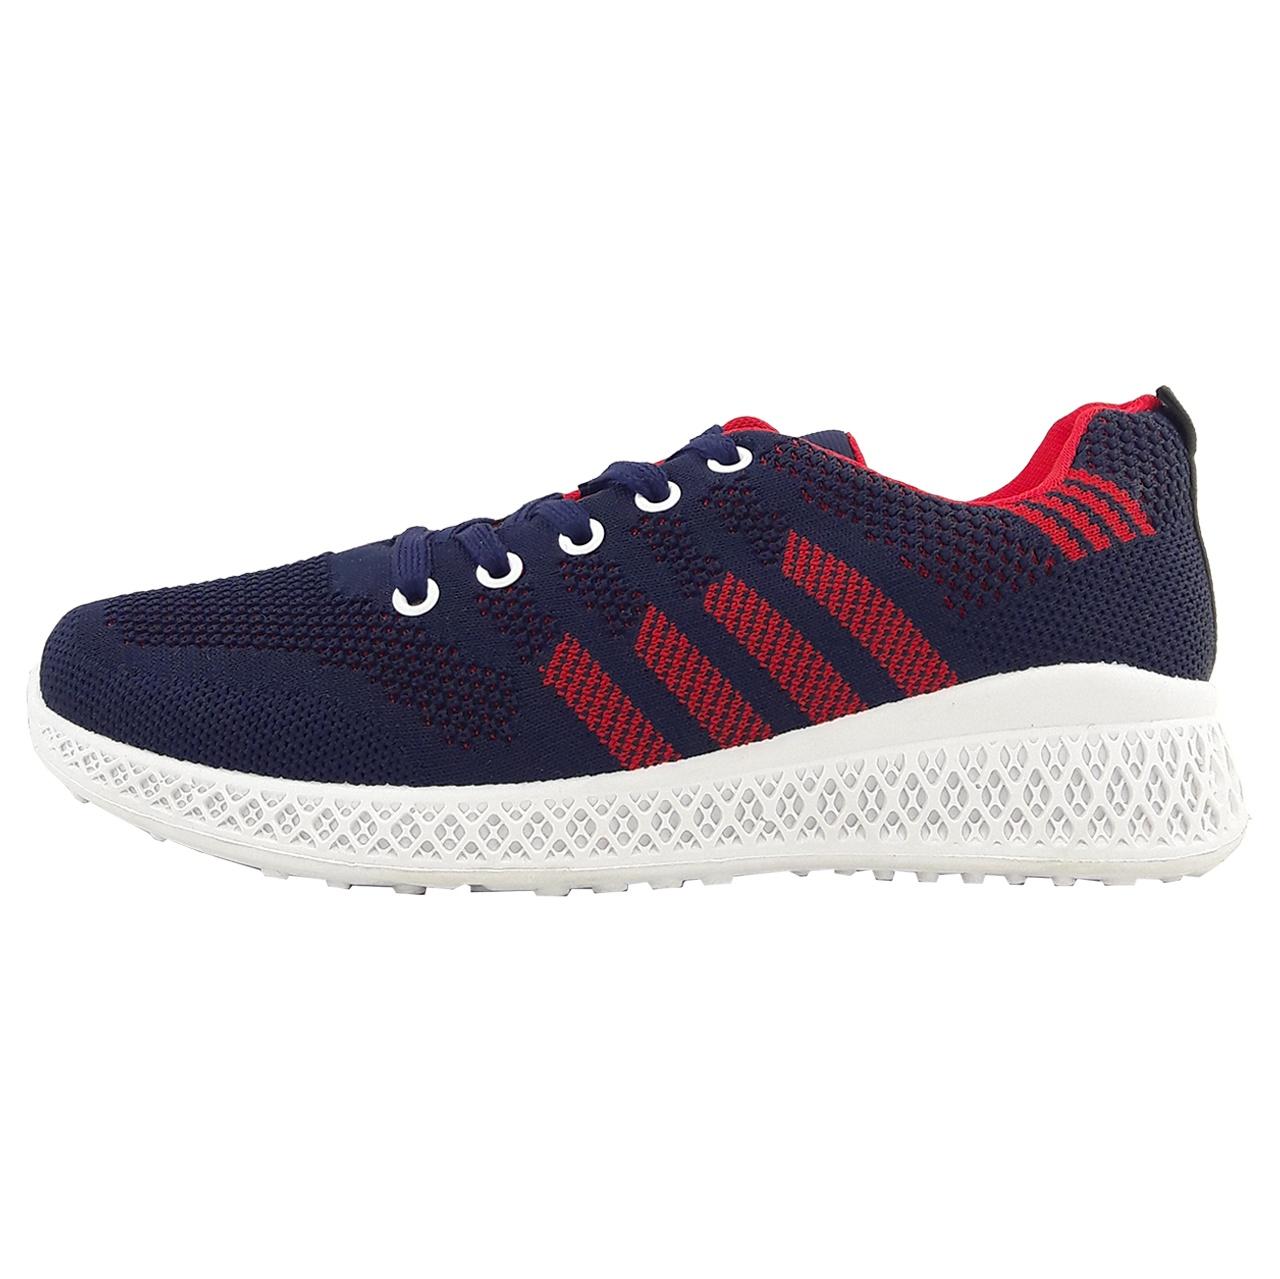 کفش مخصوص پیاده روی زنانه مدل Fs.4li.nvy01